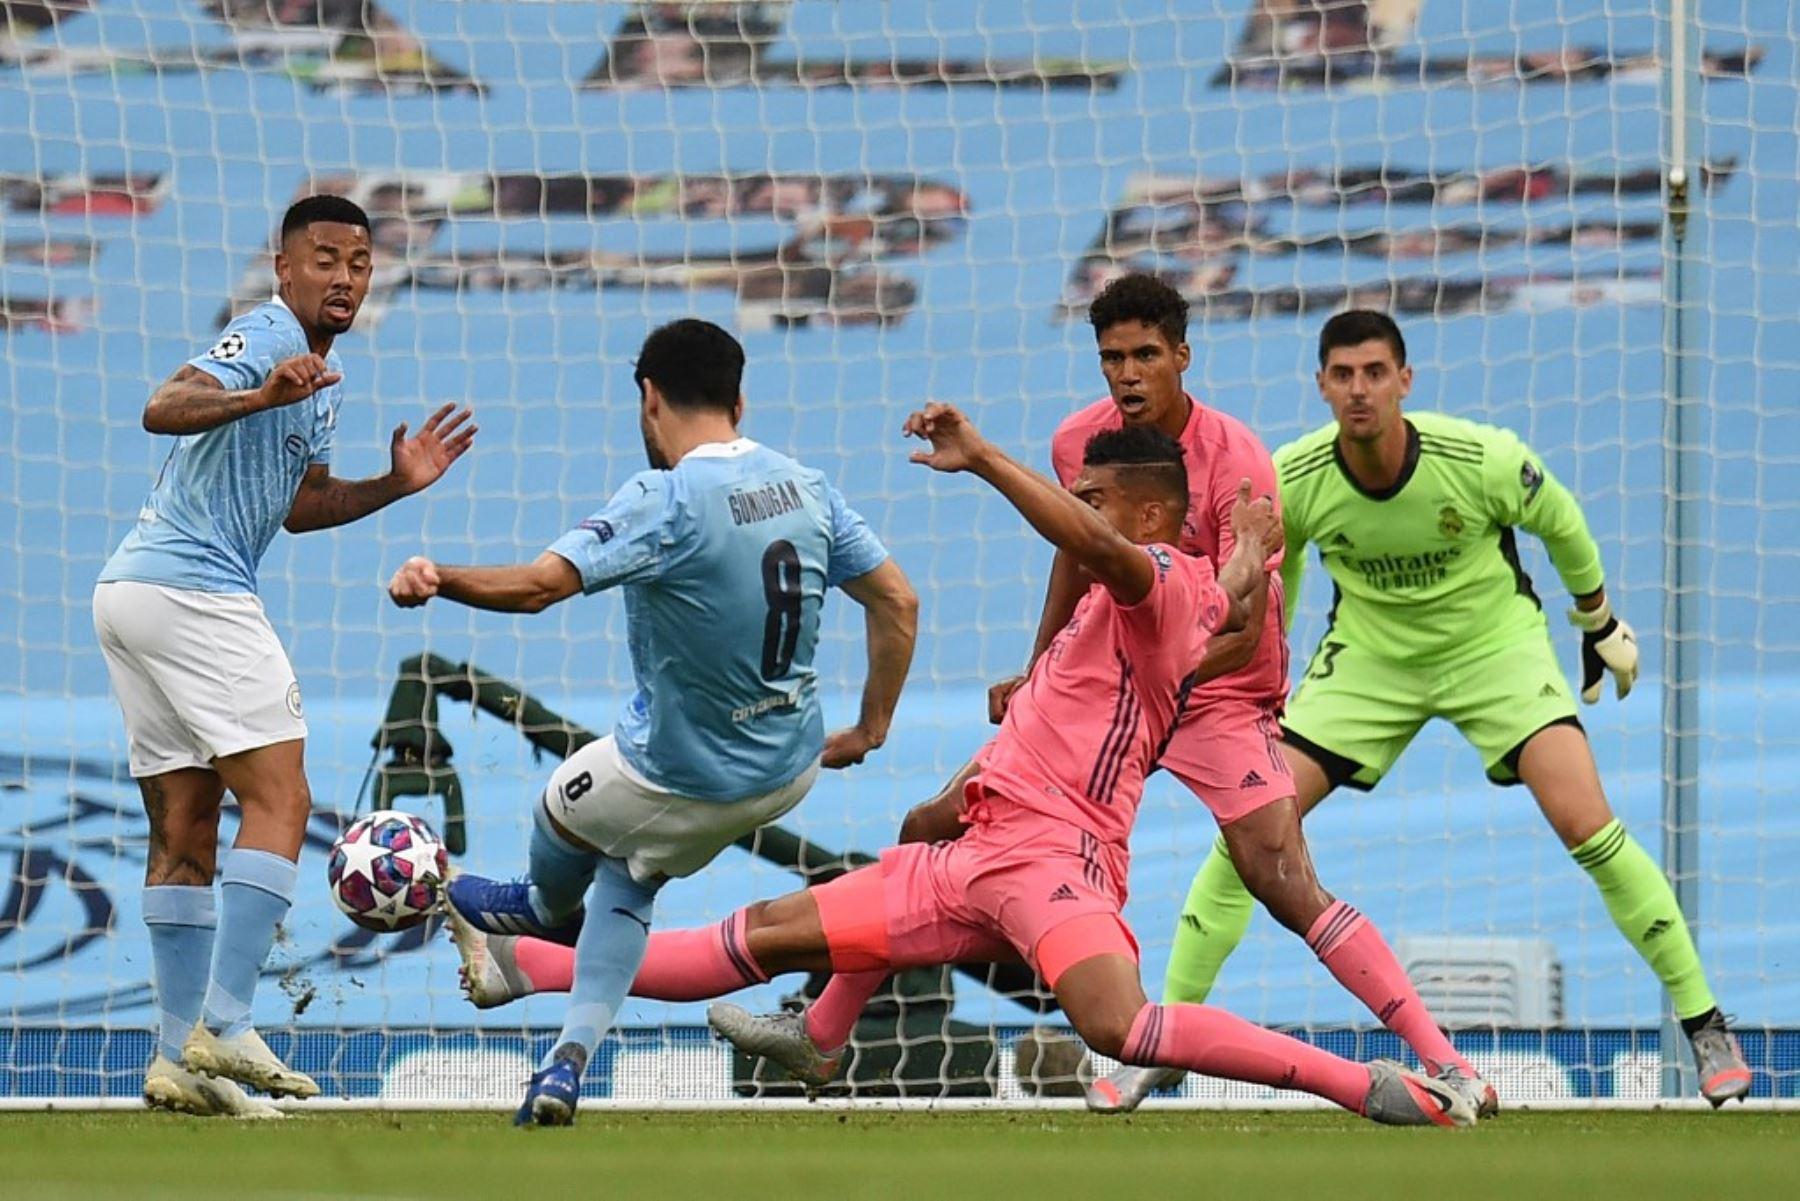 El mediocampista alemán del Manchester City, Ilkay Gundogan  dispara pero no anota durante la ronda de la Liga de Campeones de la UEFA.Foto:AFP